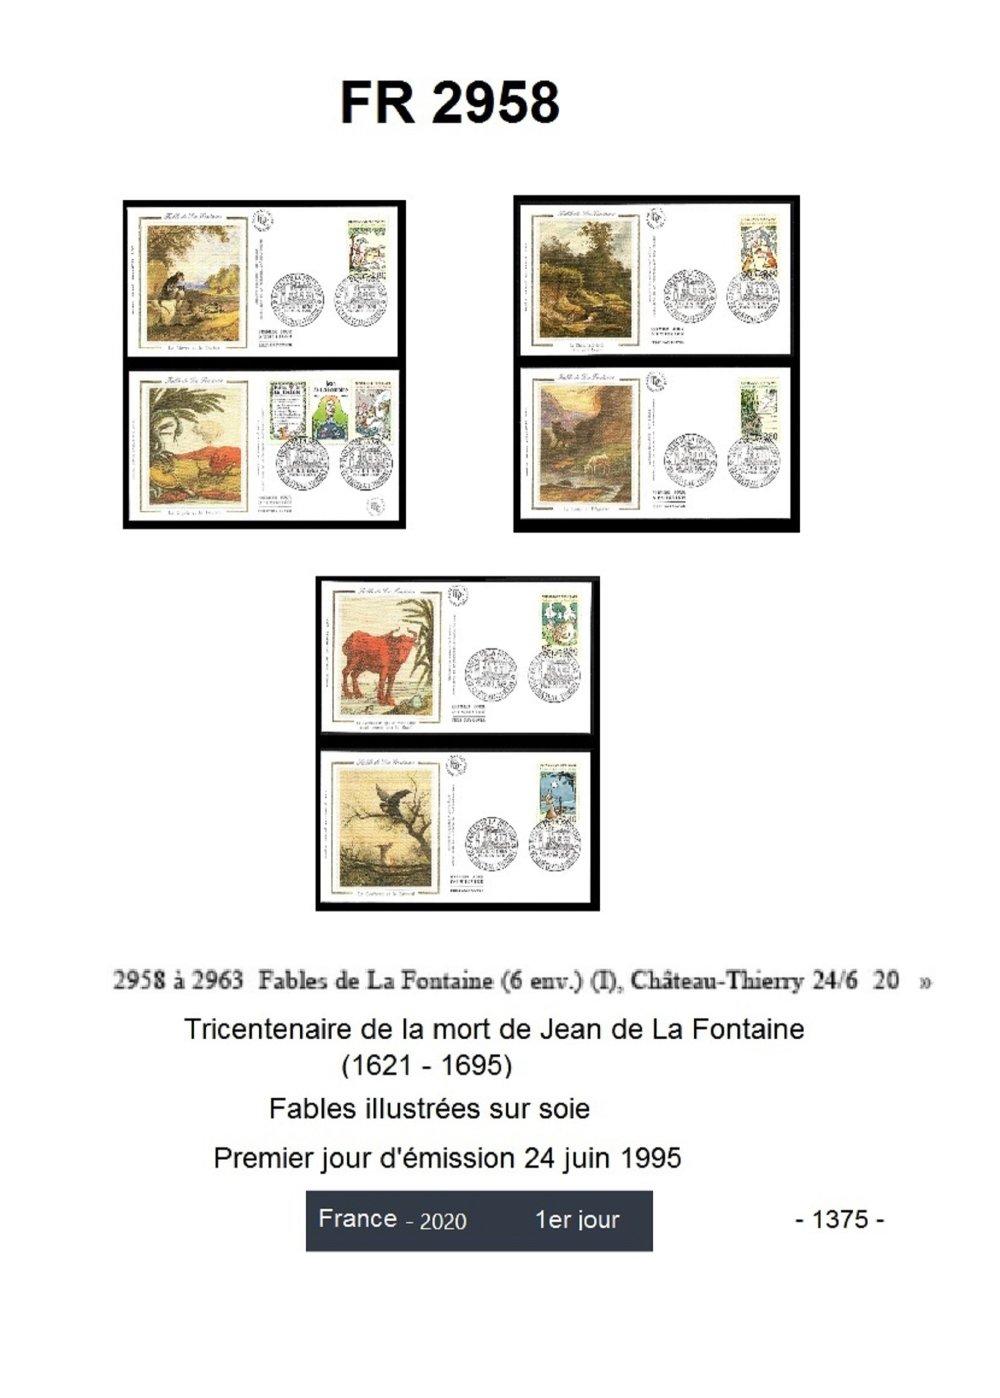 Jean de La Fontaine et ses fables.  Cadeau de Noël. tirages photos avec enveloppes 1er jour. Une création JFB